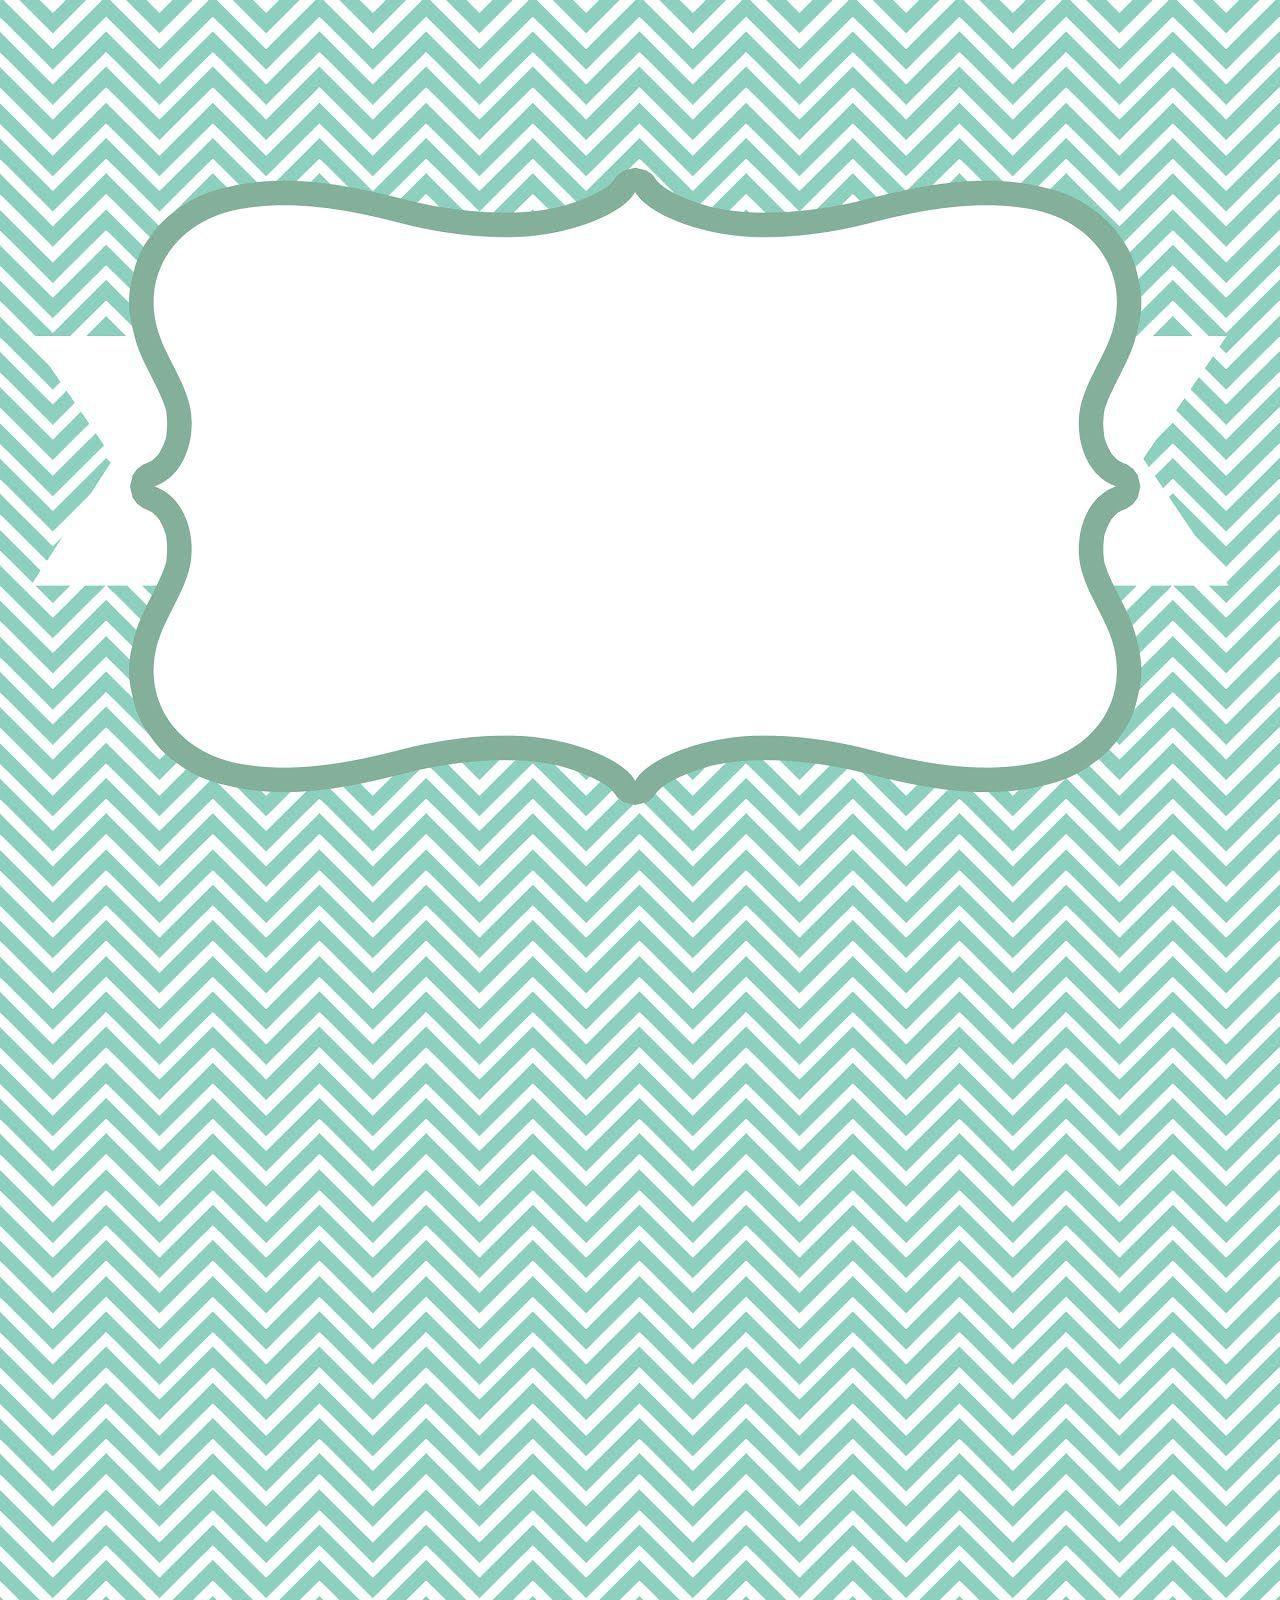 007 Beautiful Cute Binder Cover Template Free Printable Design Full